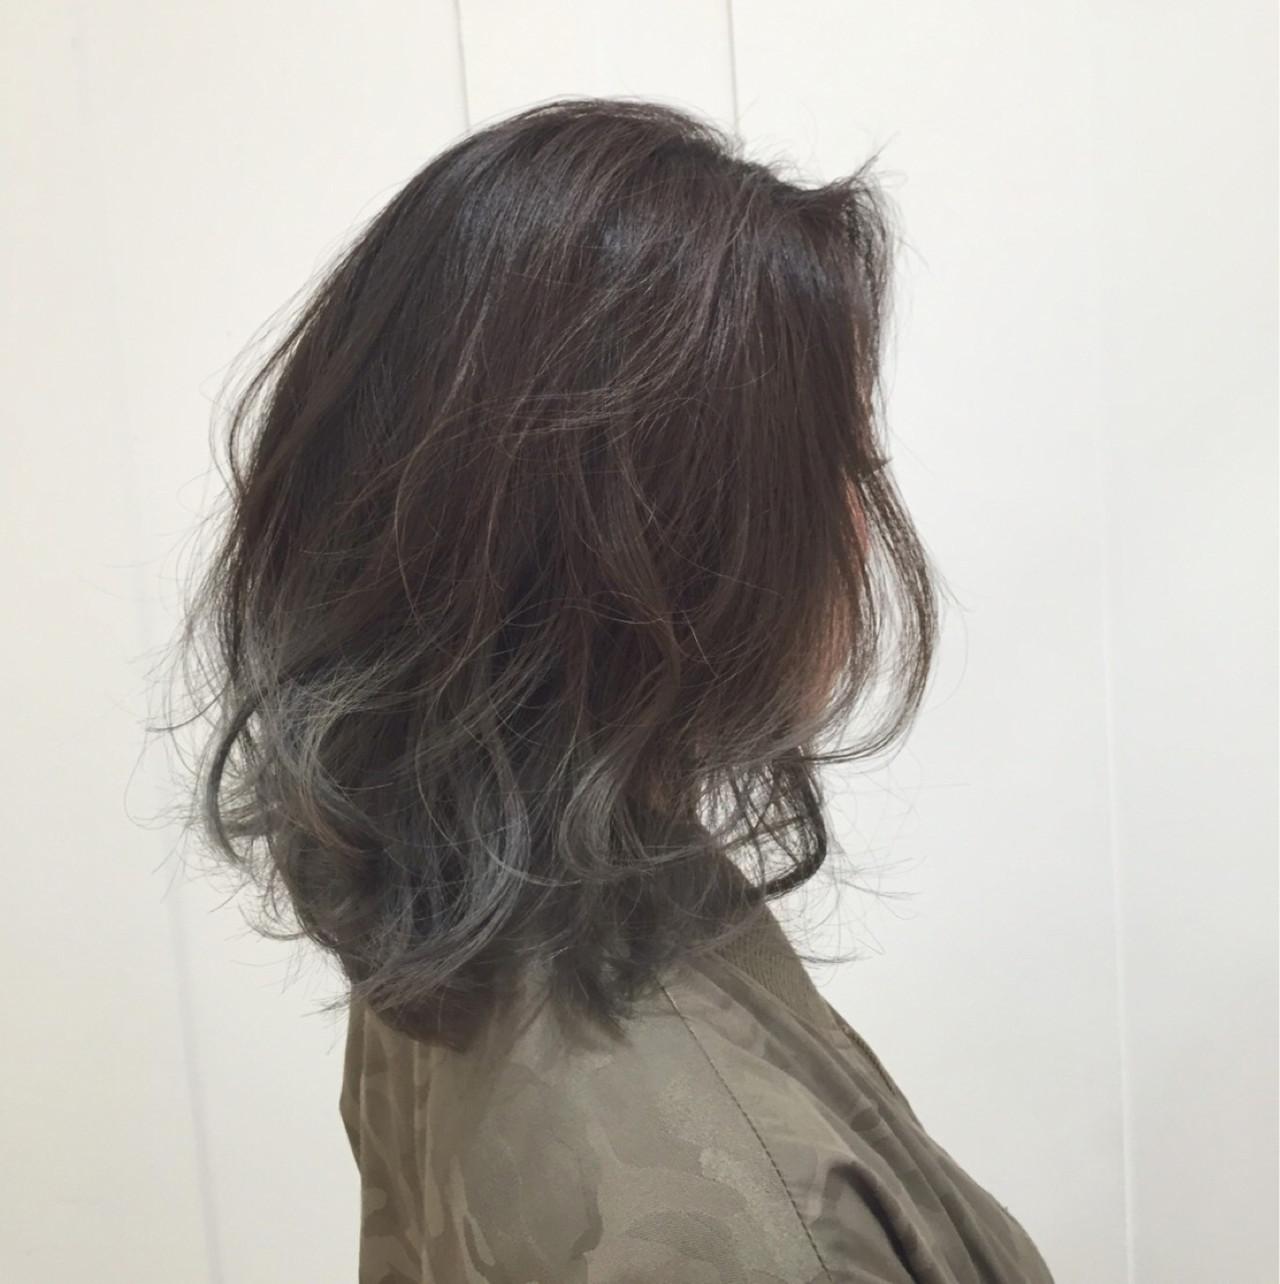 モード グレージュ アッシュグラデーション グラデーションカラー ヘアスタイルや髪型の写真・画像